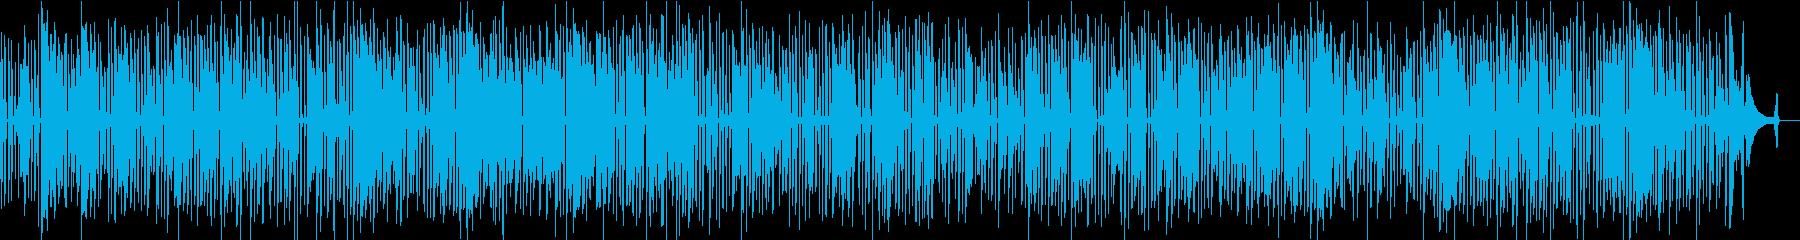 楽しいアニメに合う明るいソロジャズピアノの再生済みの波形